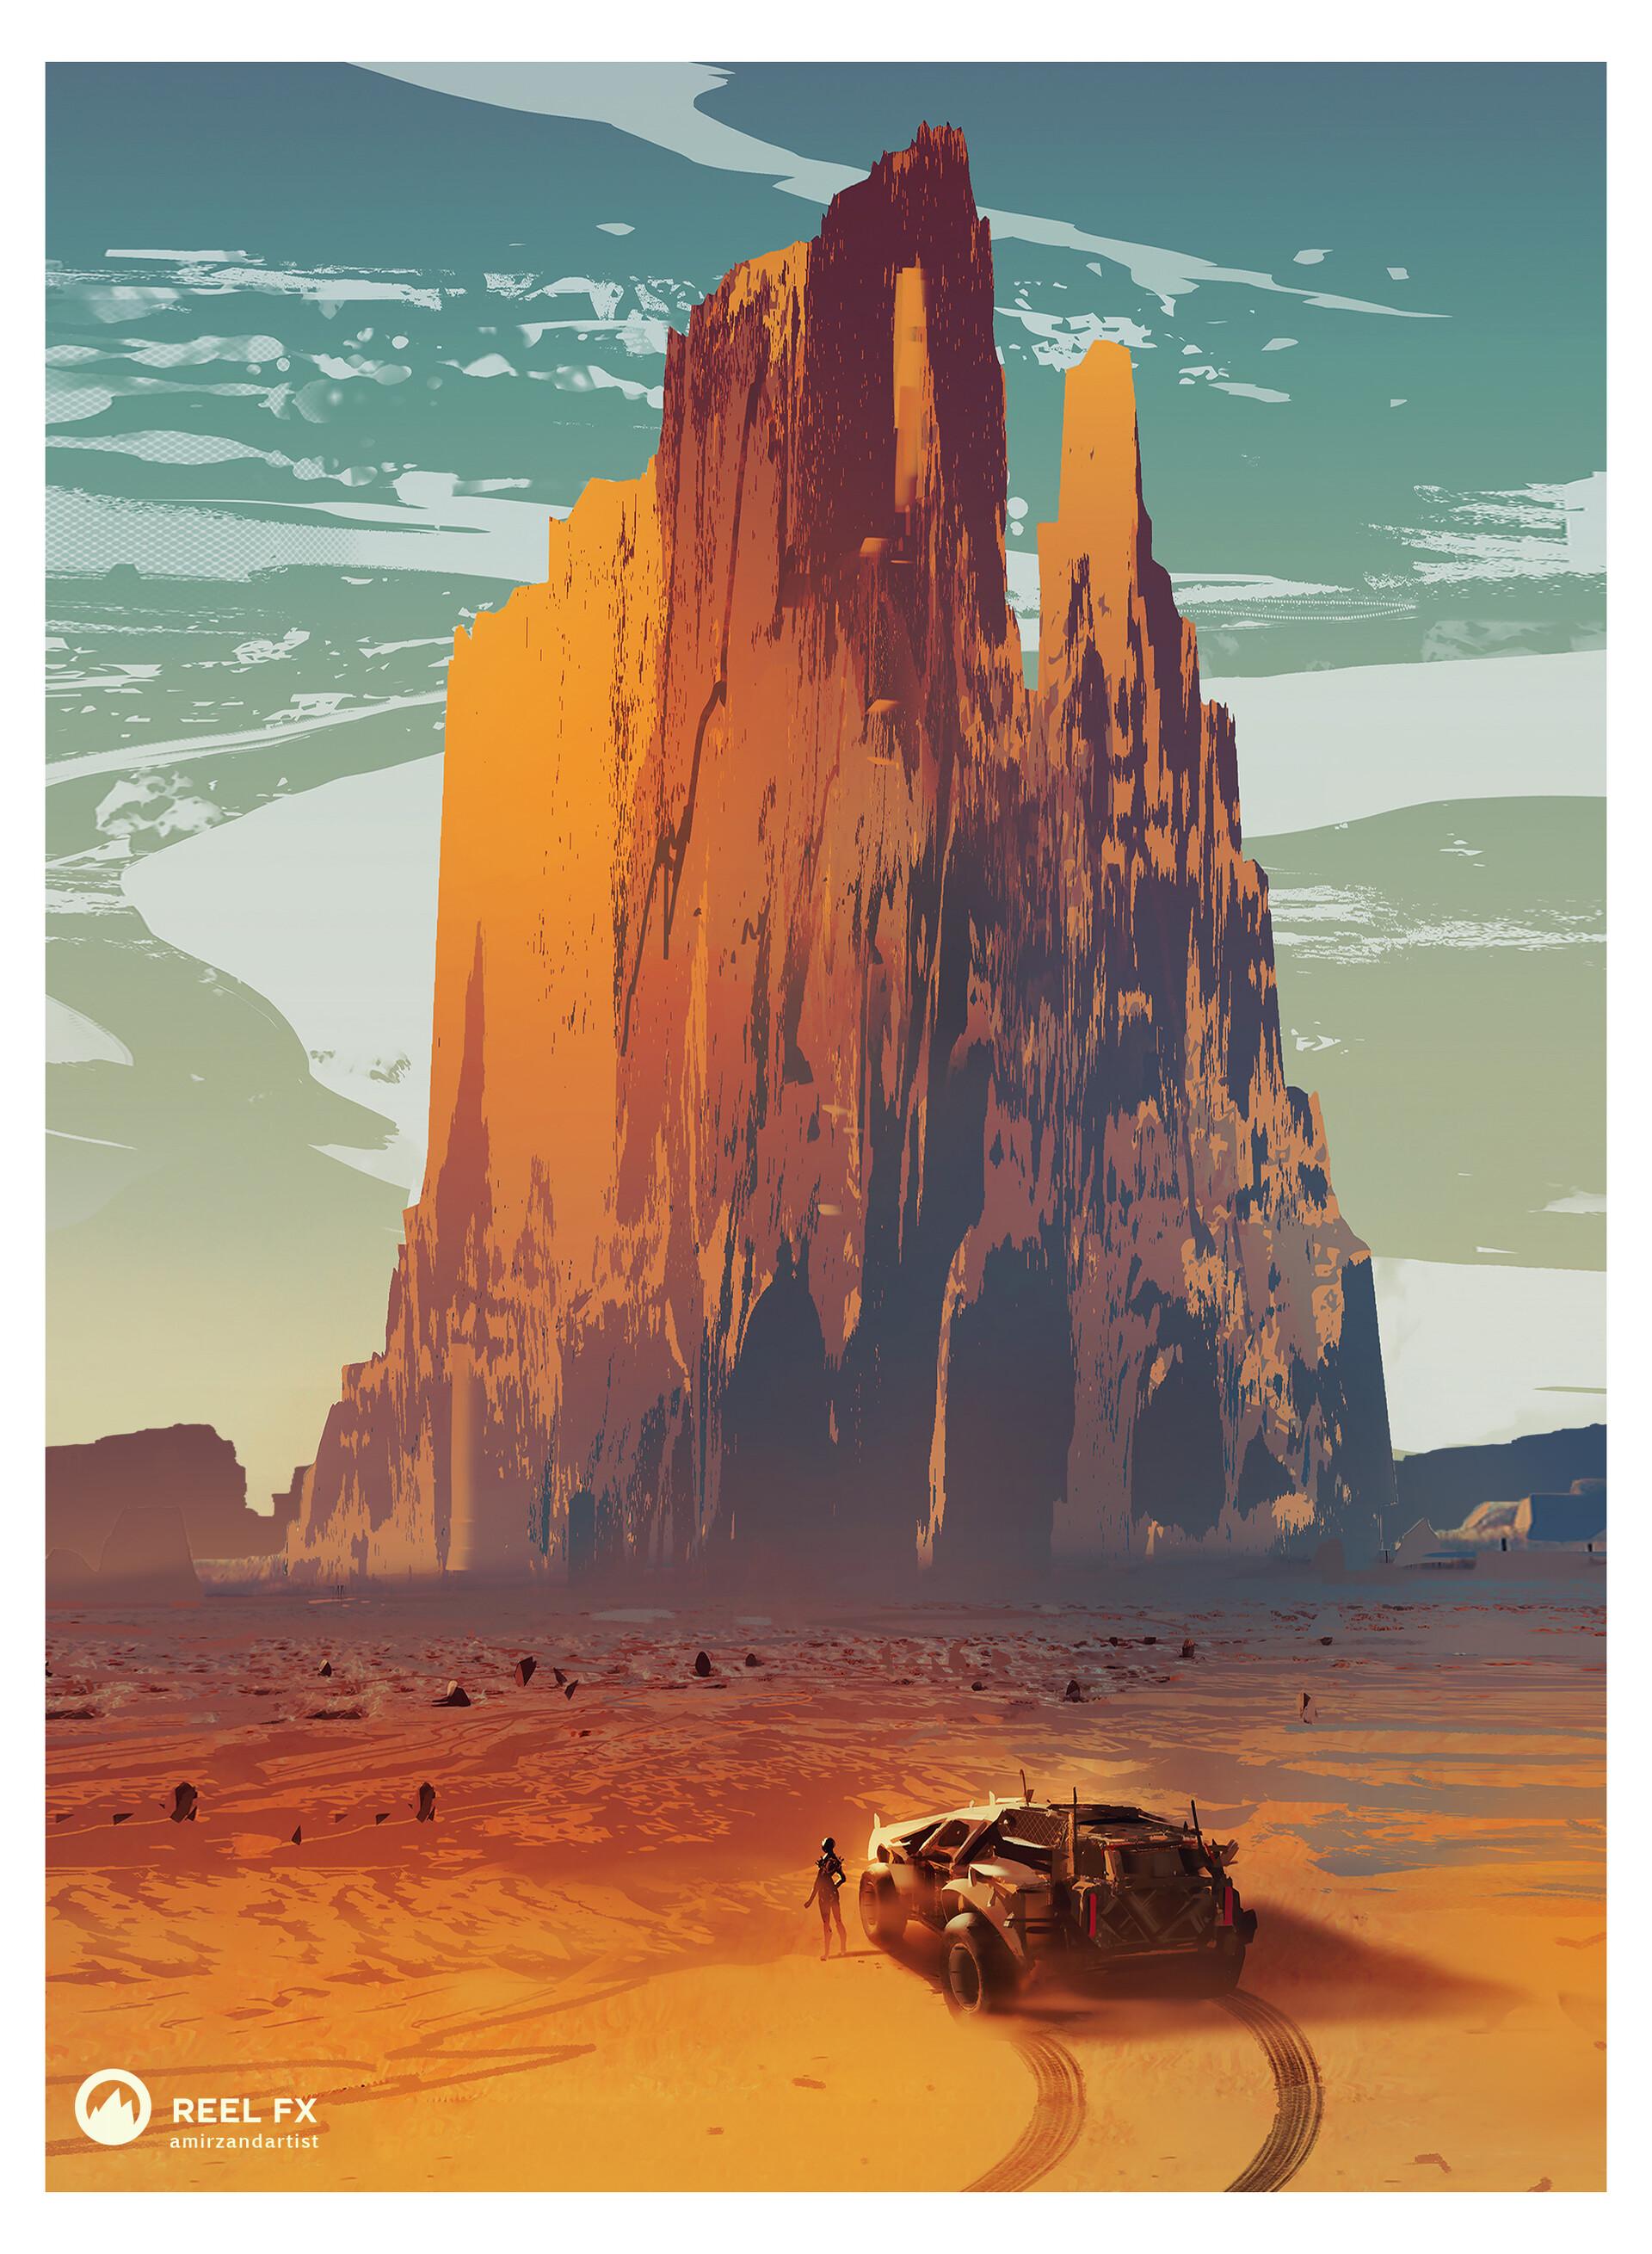 Amir zand reelfx